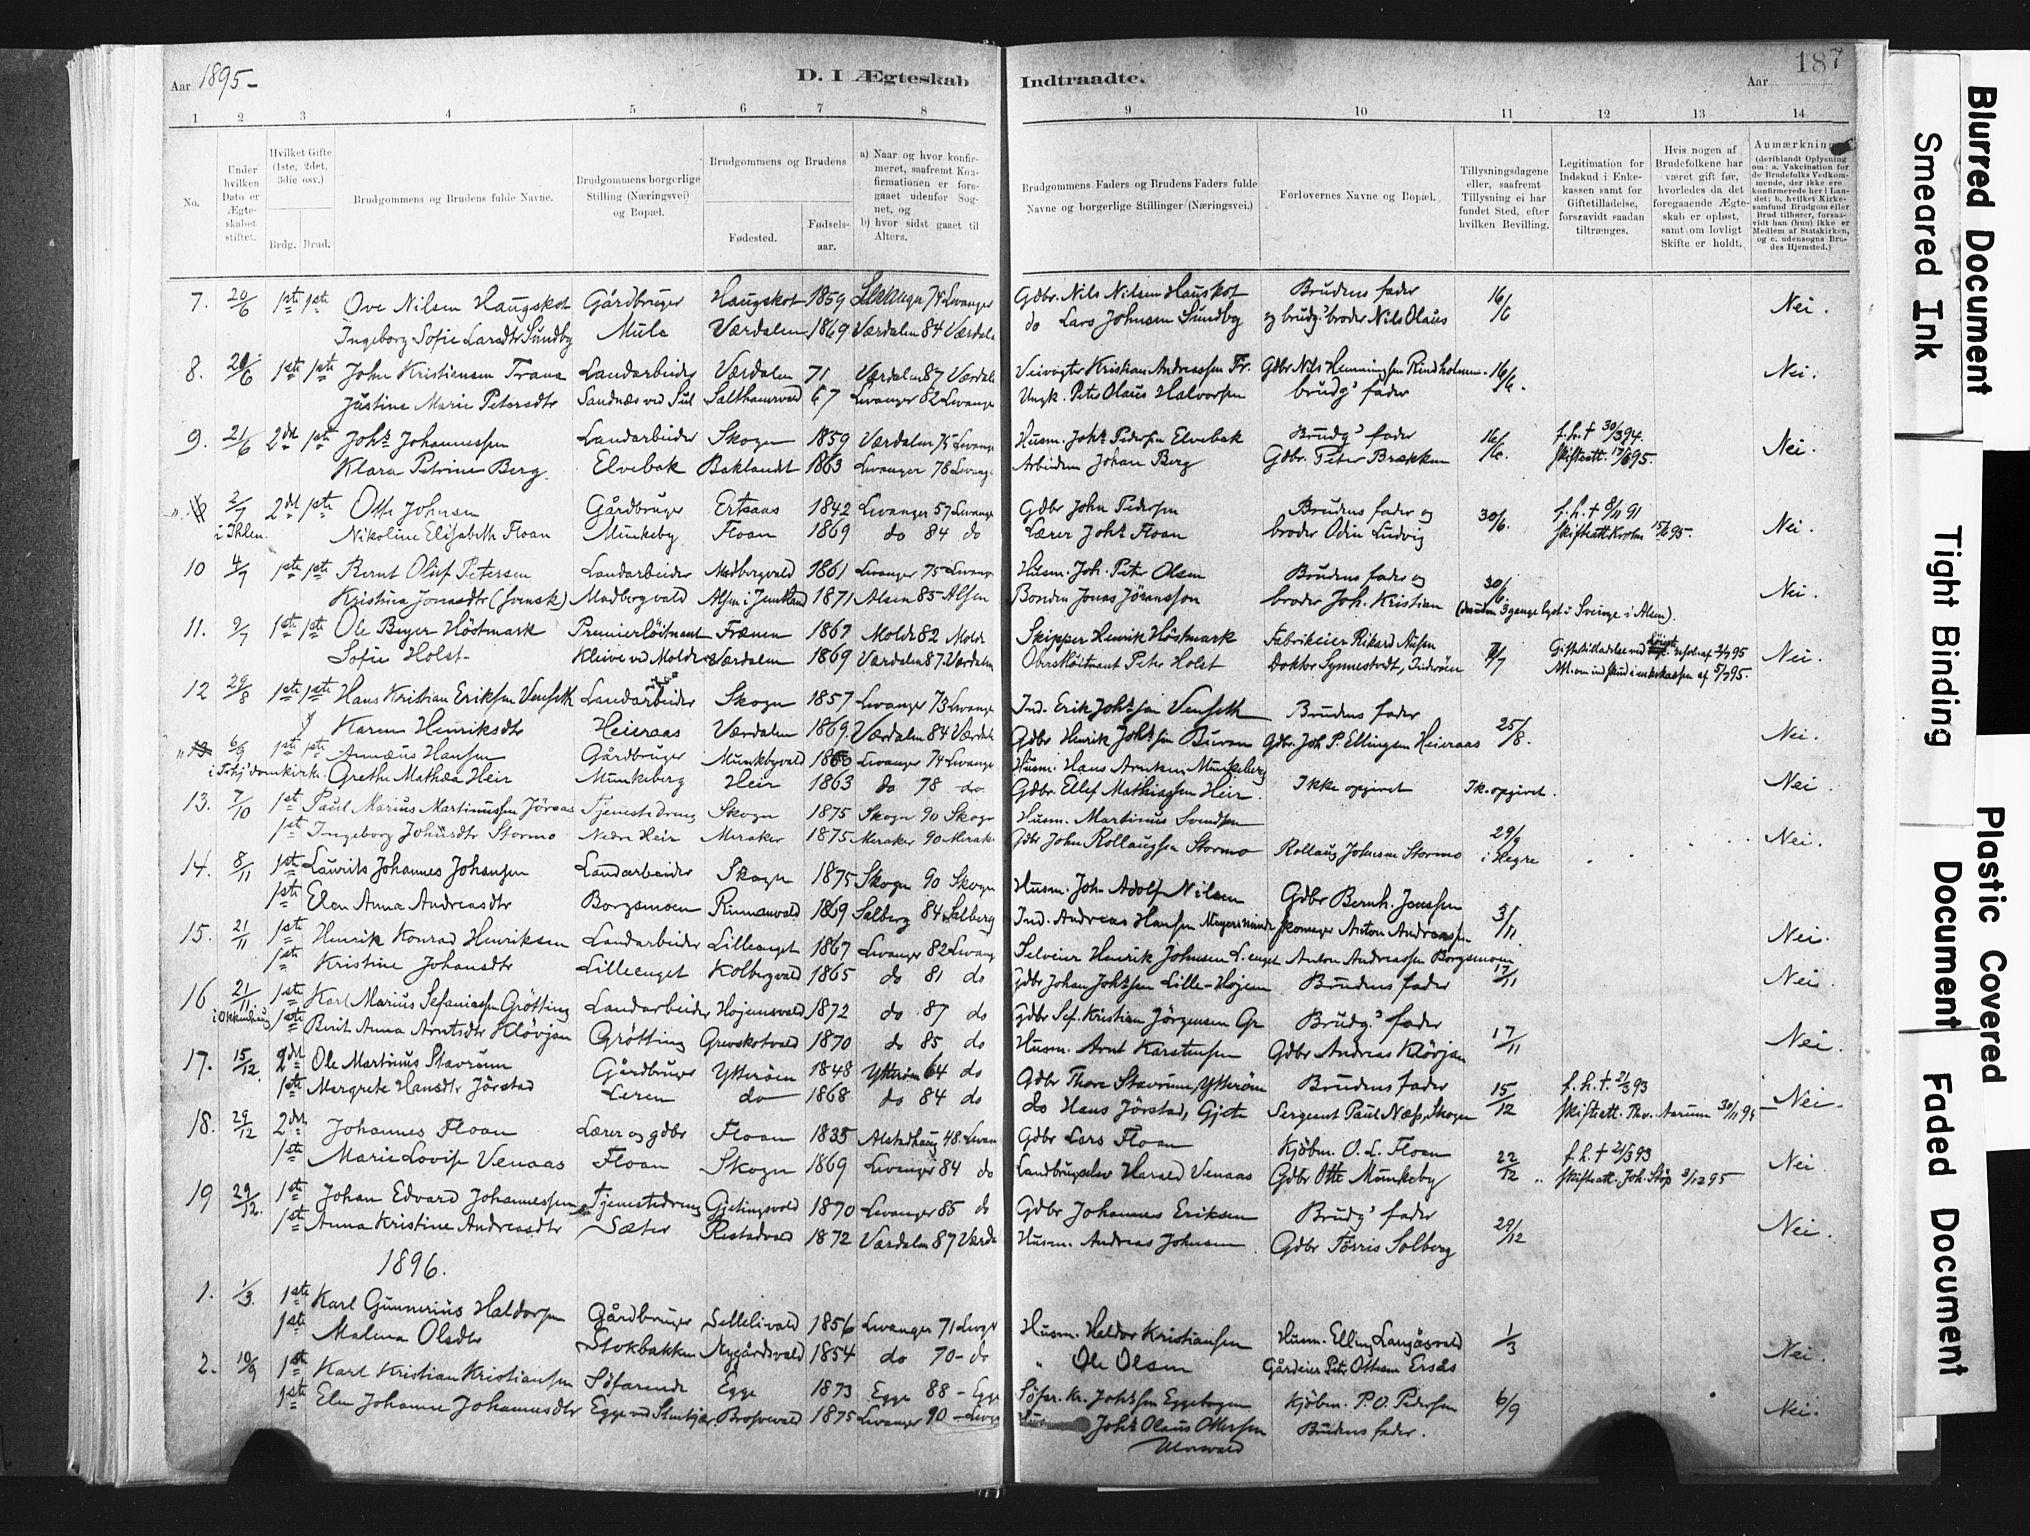 SAT, Ministerialprotokoller, klokkerbøker og fødselsregistre - Nord-Trøndelag, 721/L0207: Ministerialbok nr. 721A02, 1880-1911, s. 187